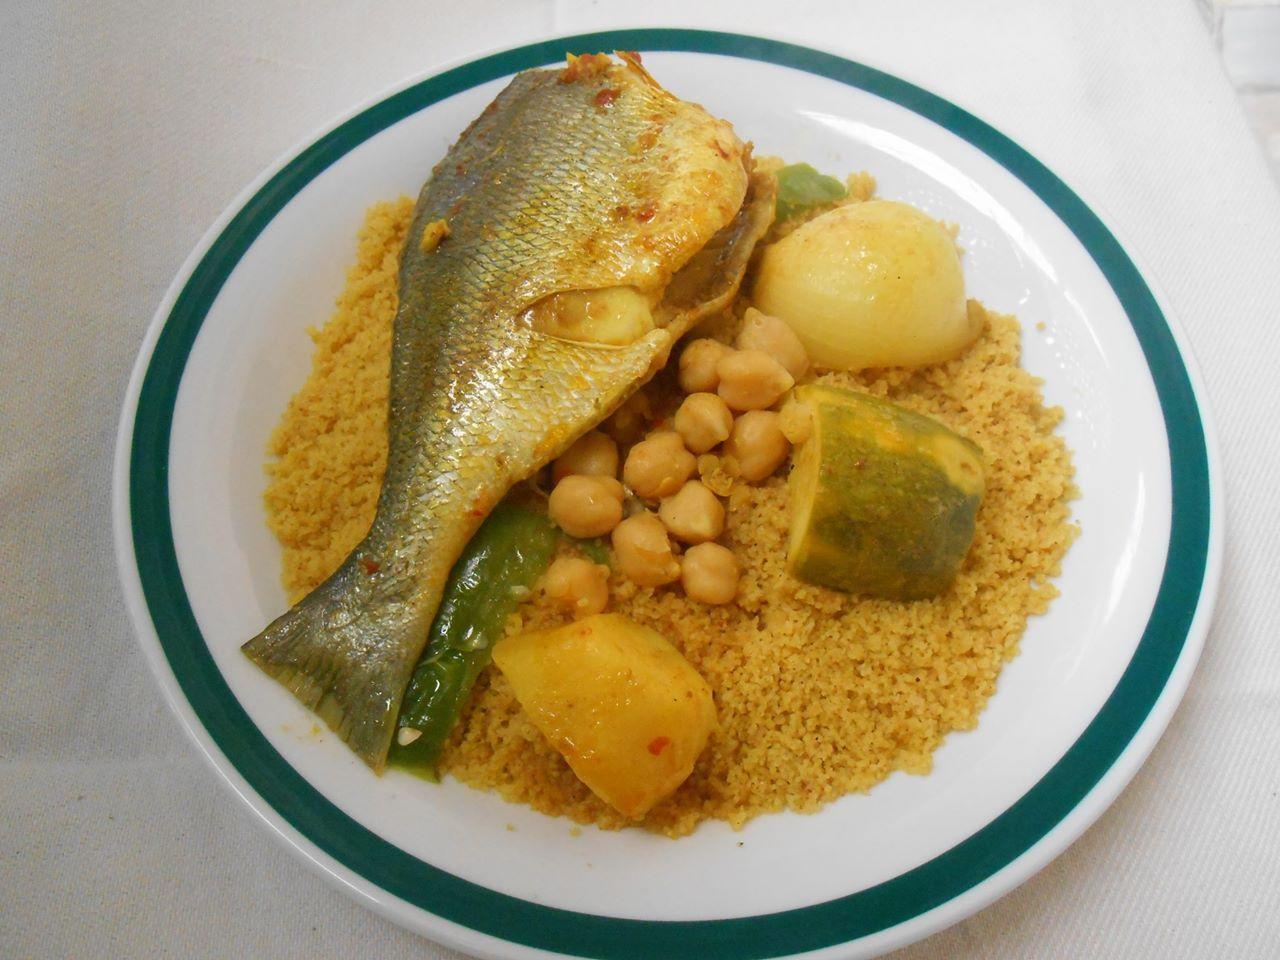 Couscous au poisson cuisine tunisienne recette - Cuisine tunisienne poisson ...